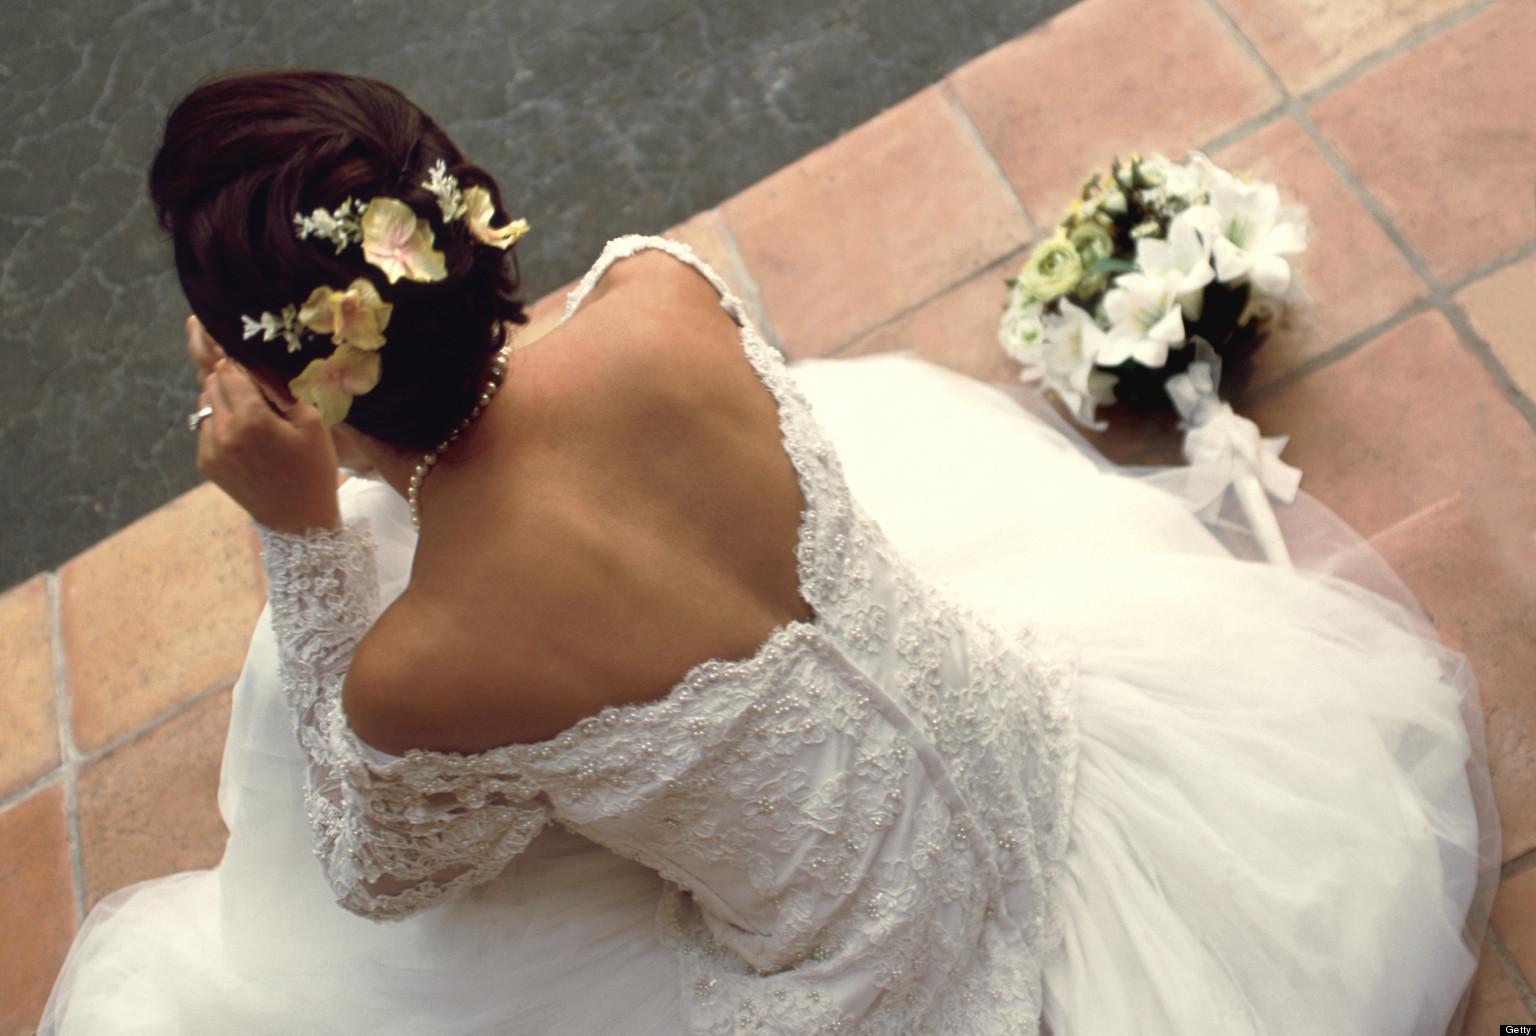 Рассказы невест об их изменах на свадьбе 9 фотография